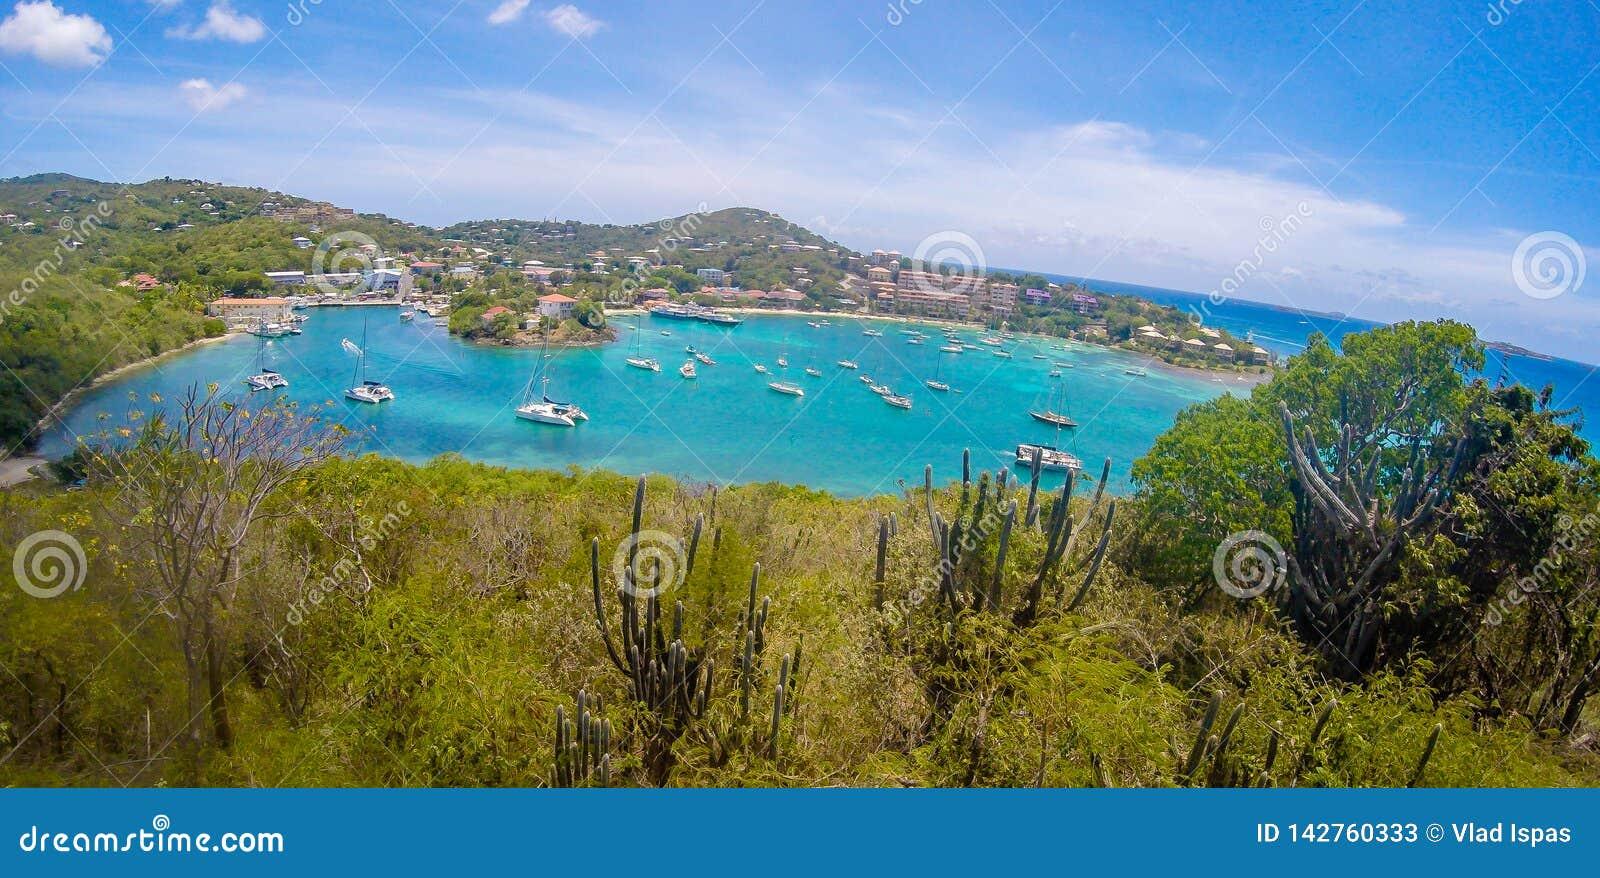 克鲁斯海湾全景在圣约翰USVI,加勒比海岛上的主要城镇